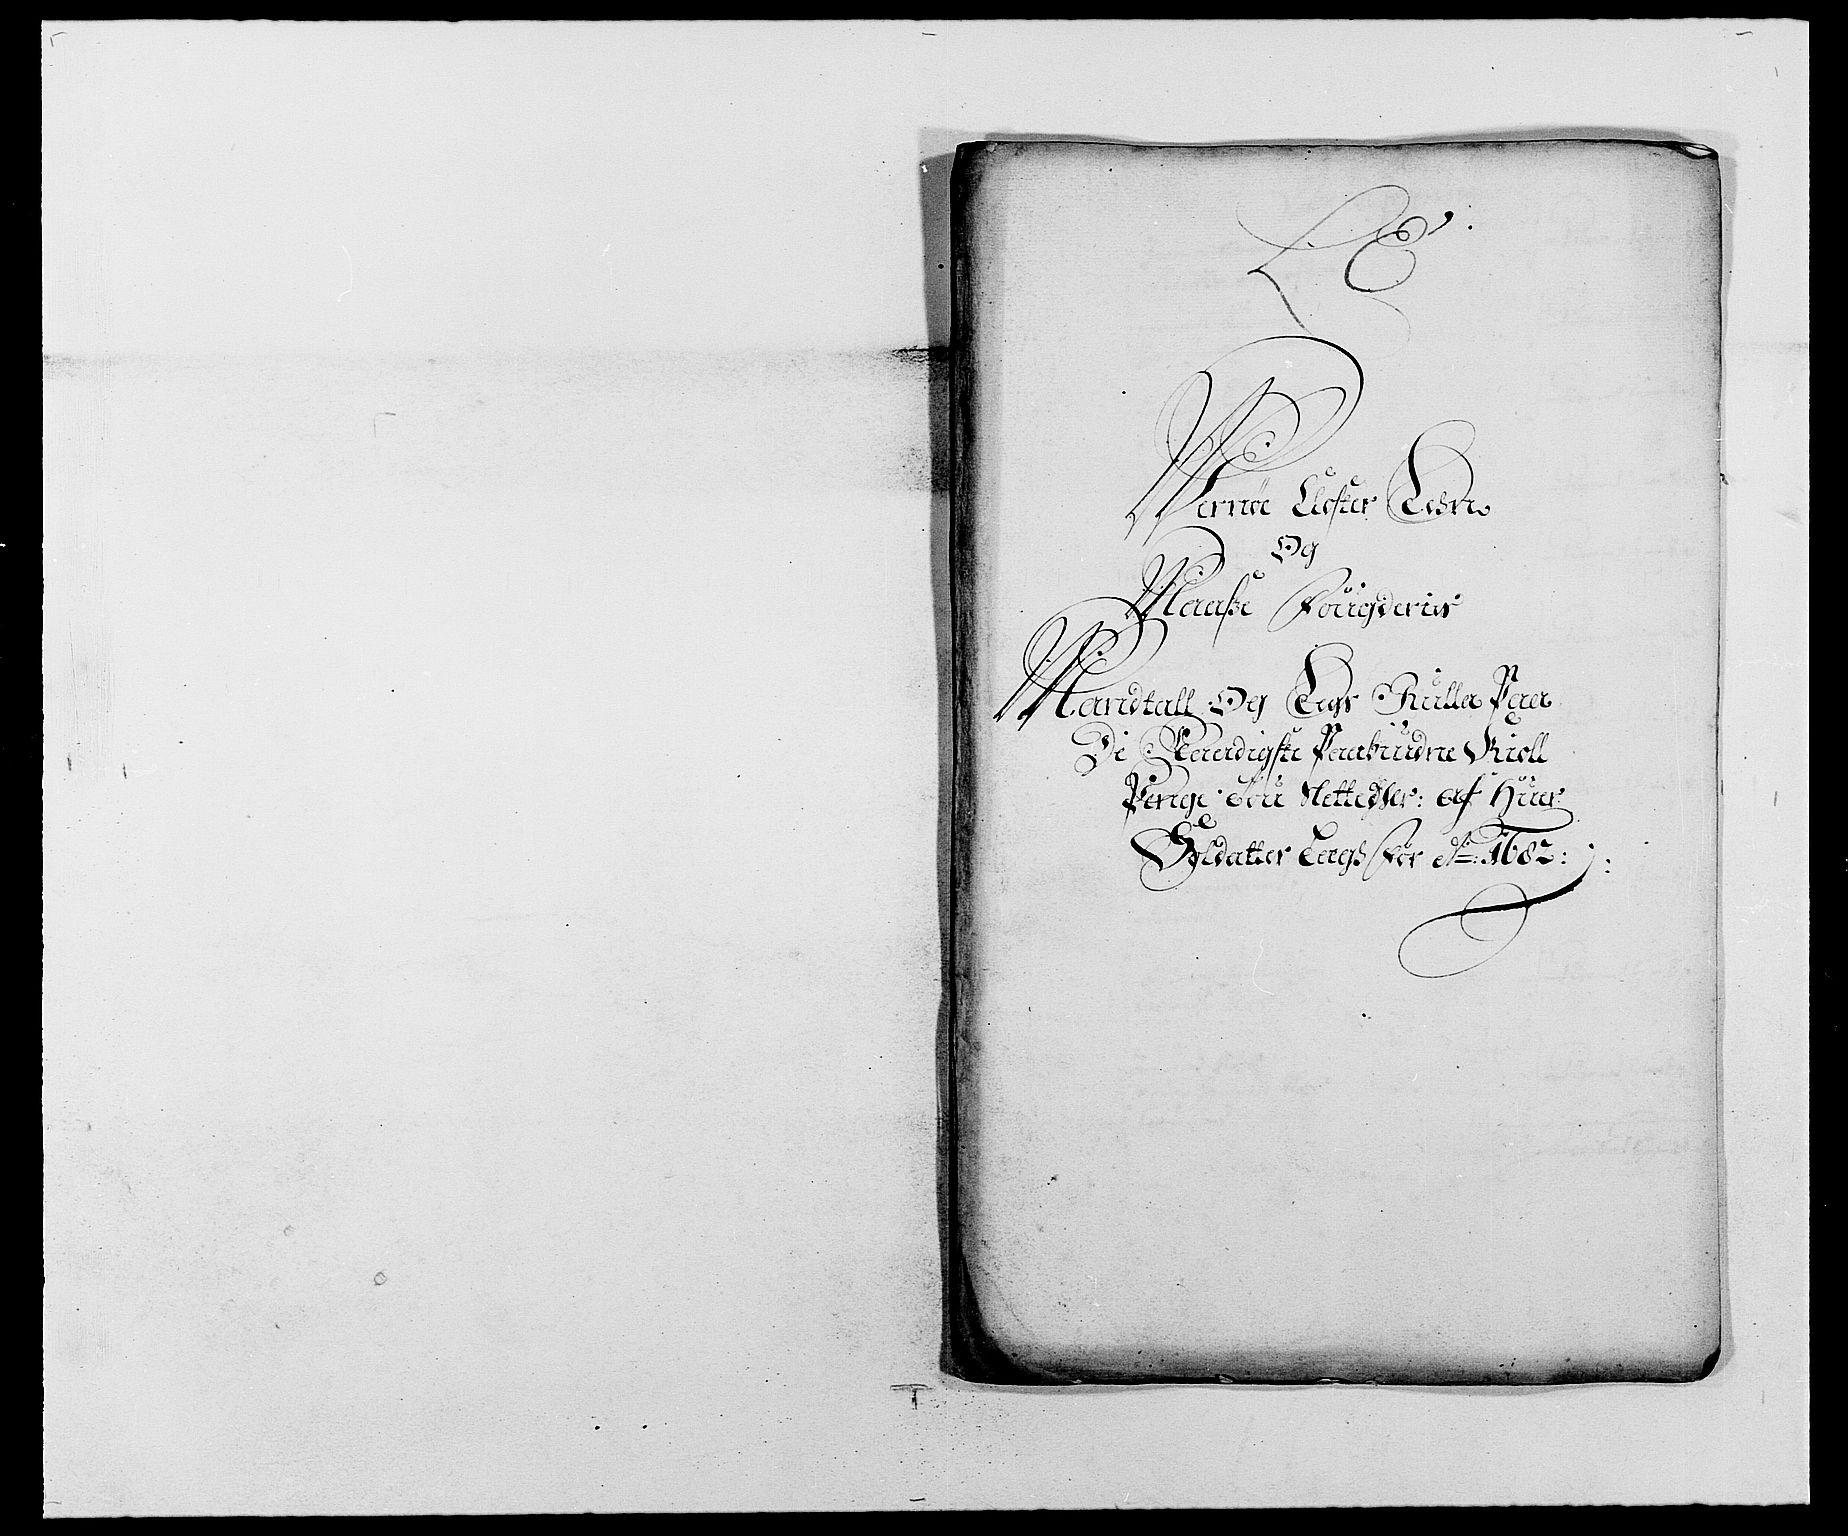 RA, Rentekammeret inntil 1814, Reviderte regnskaper, Fogderegnskap, R02/L0103: Fogderegnskap Moss og Verne kloster, 1682-1684, s. 205